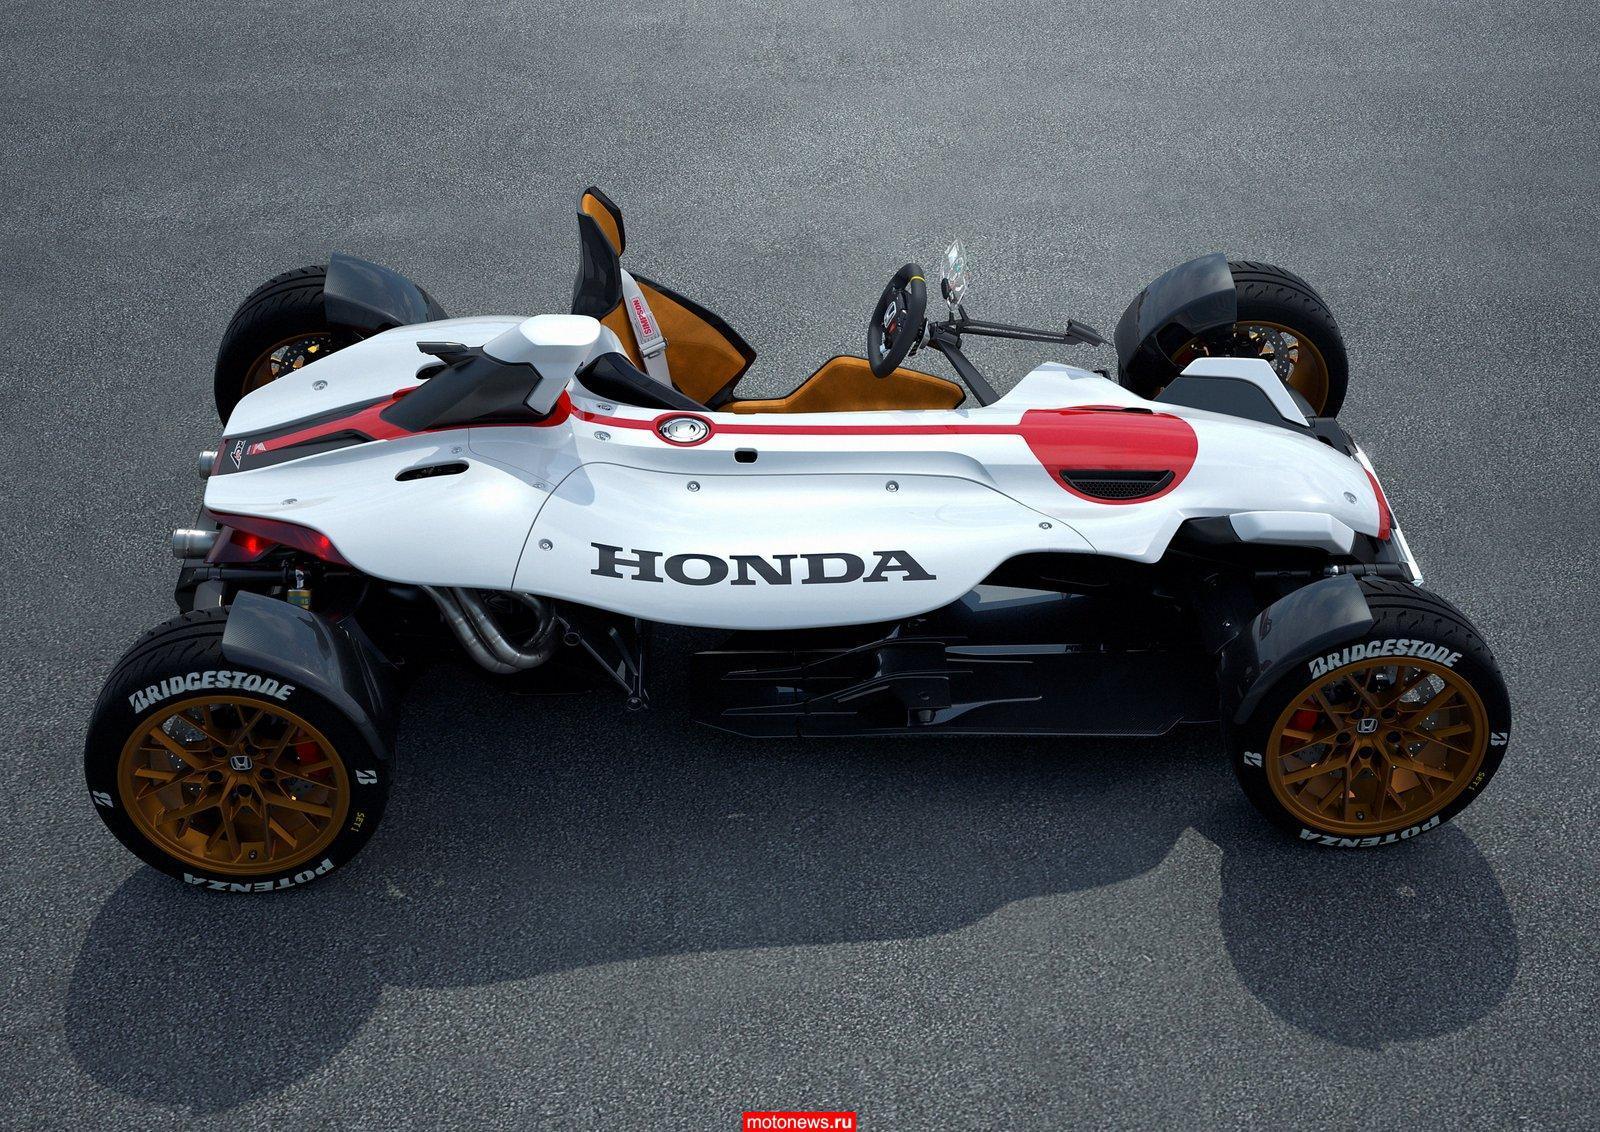 Мотоциклоавтомобиль от Honda покажут во Франкфурте